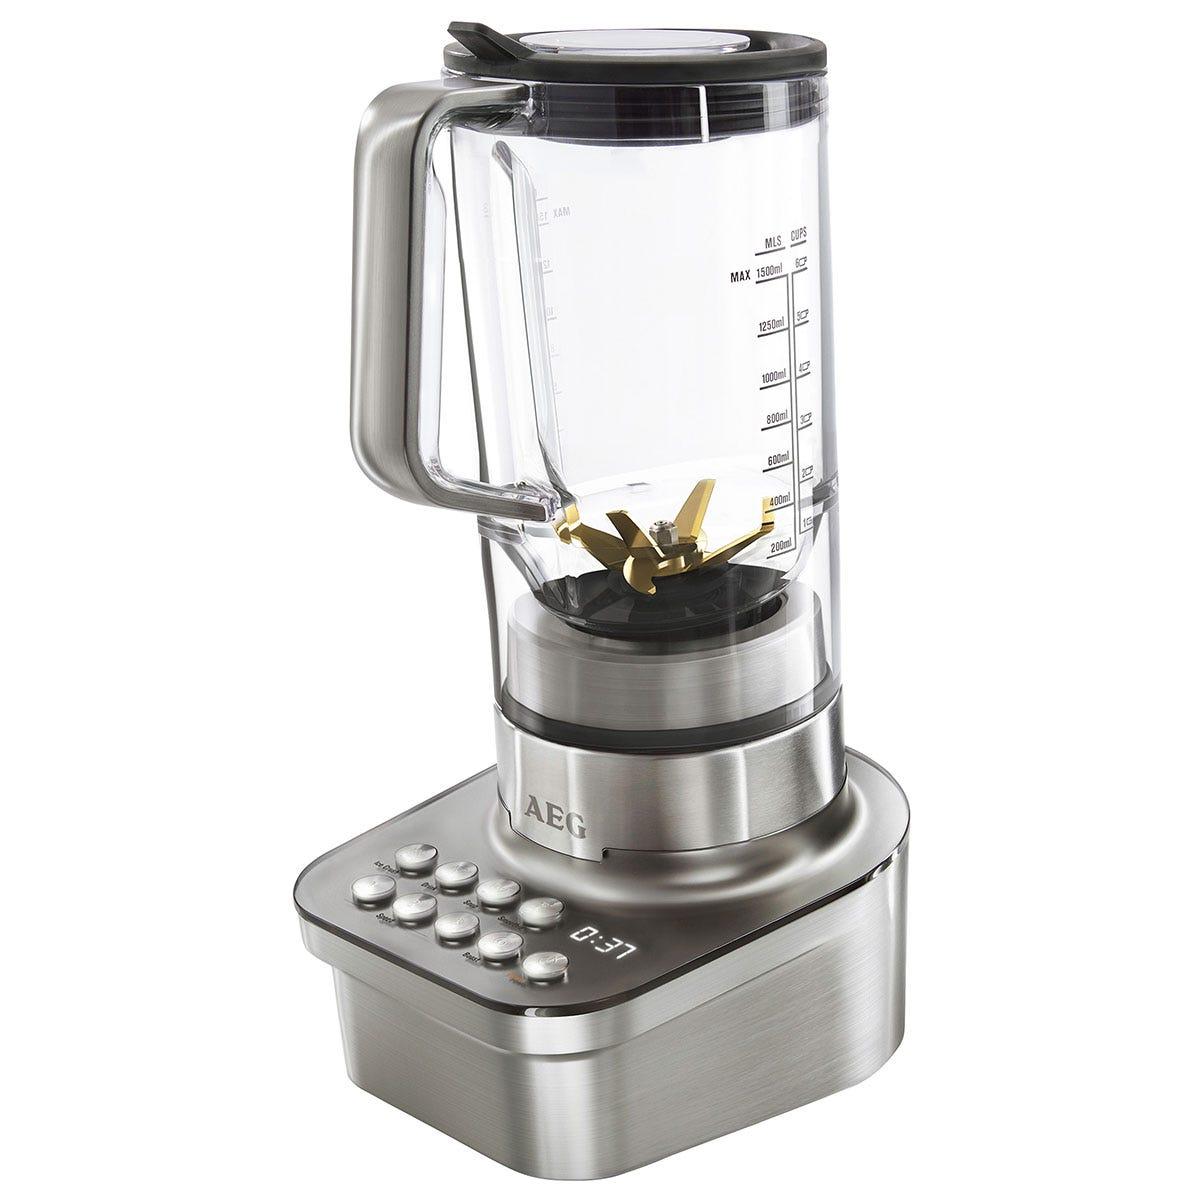 Image of AEG Gourmet Pro Blender